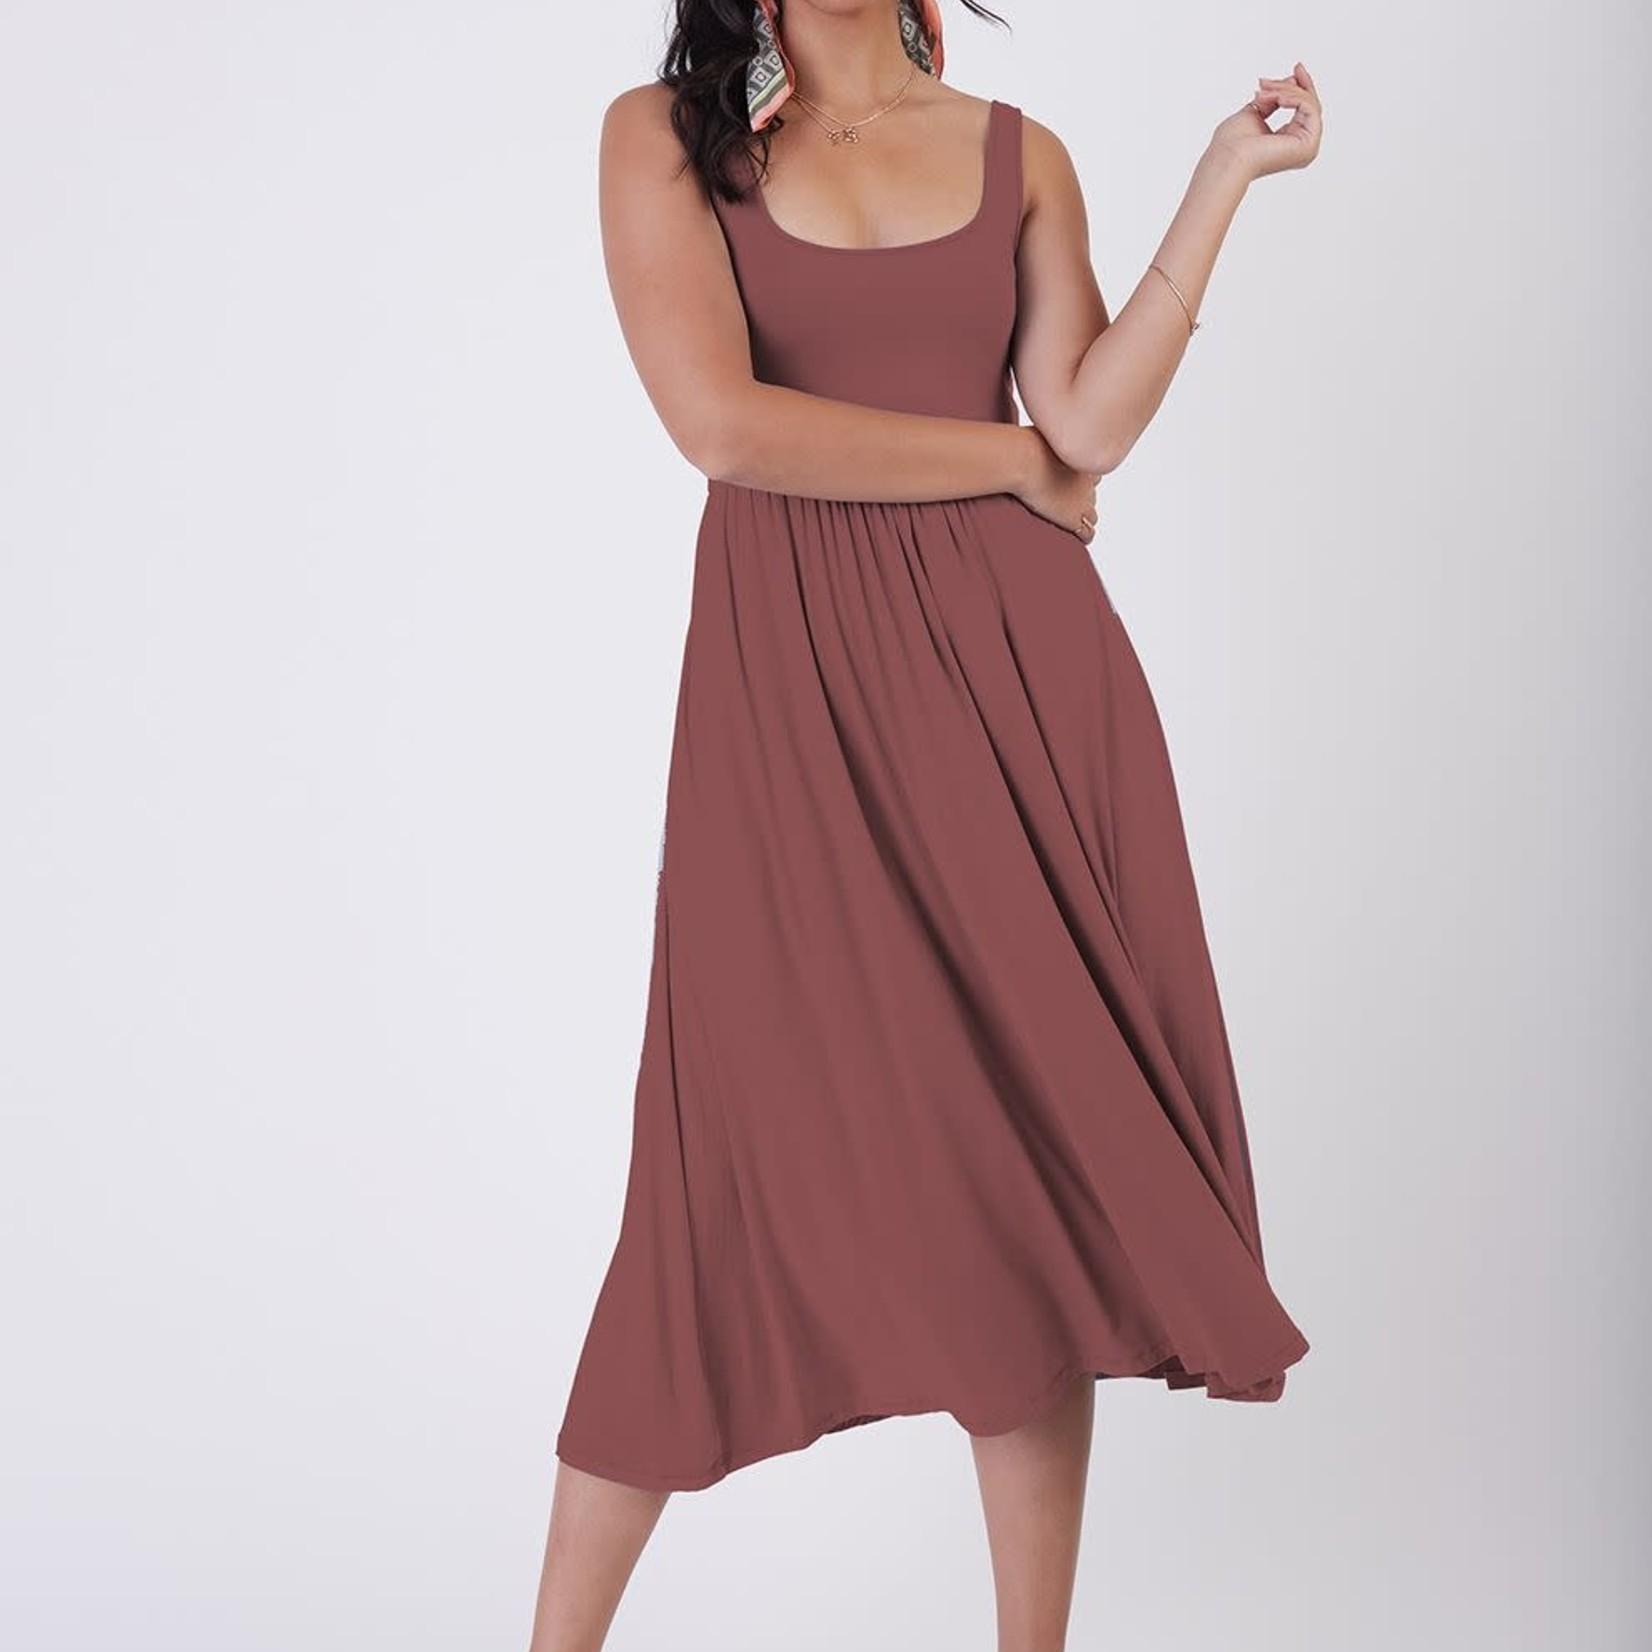 Dex SL Banded Waist Knit Midi Dress